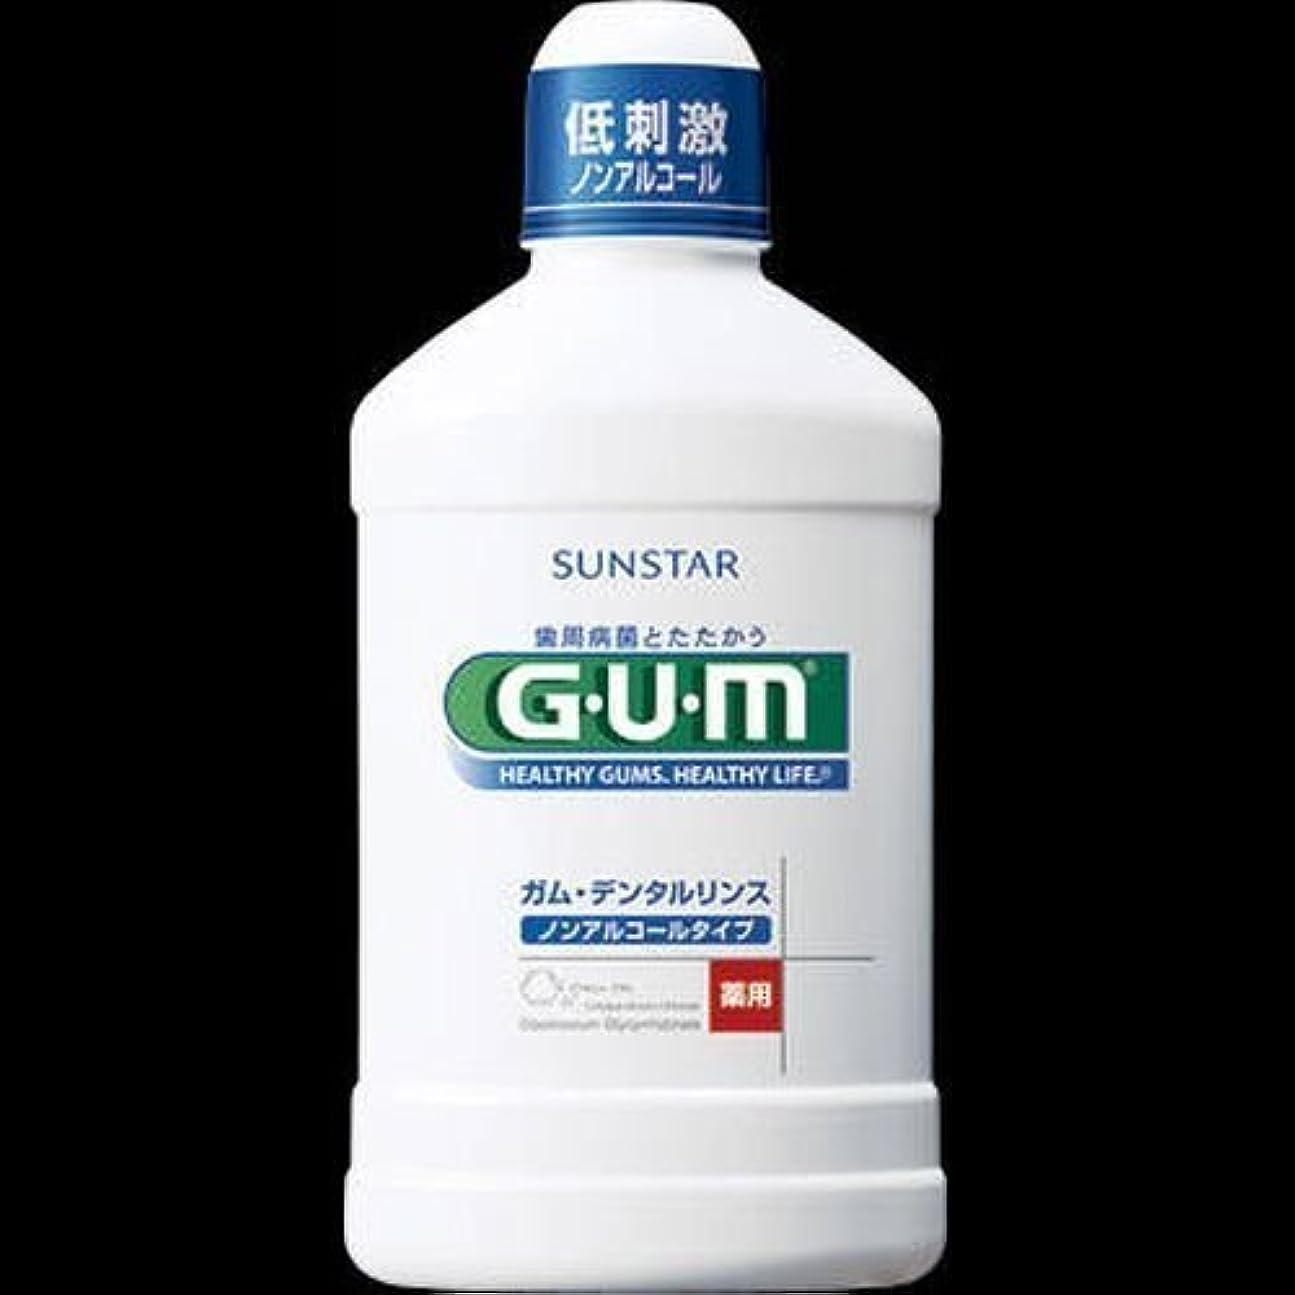 シェトランド諸島委任細い【まとめ買い】GUMデンタルリンス500ML ノンアルコール ×2セット